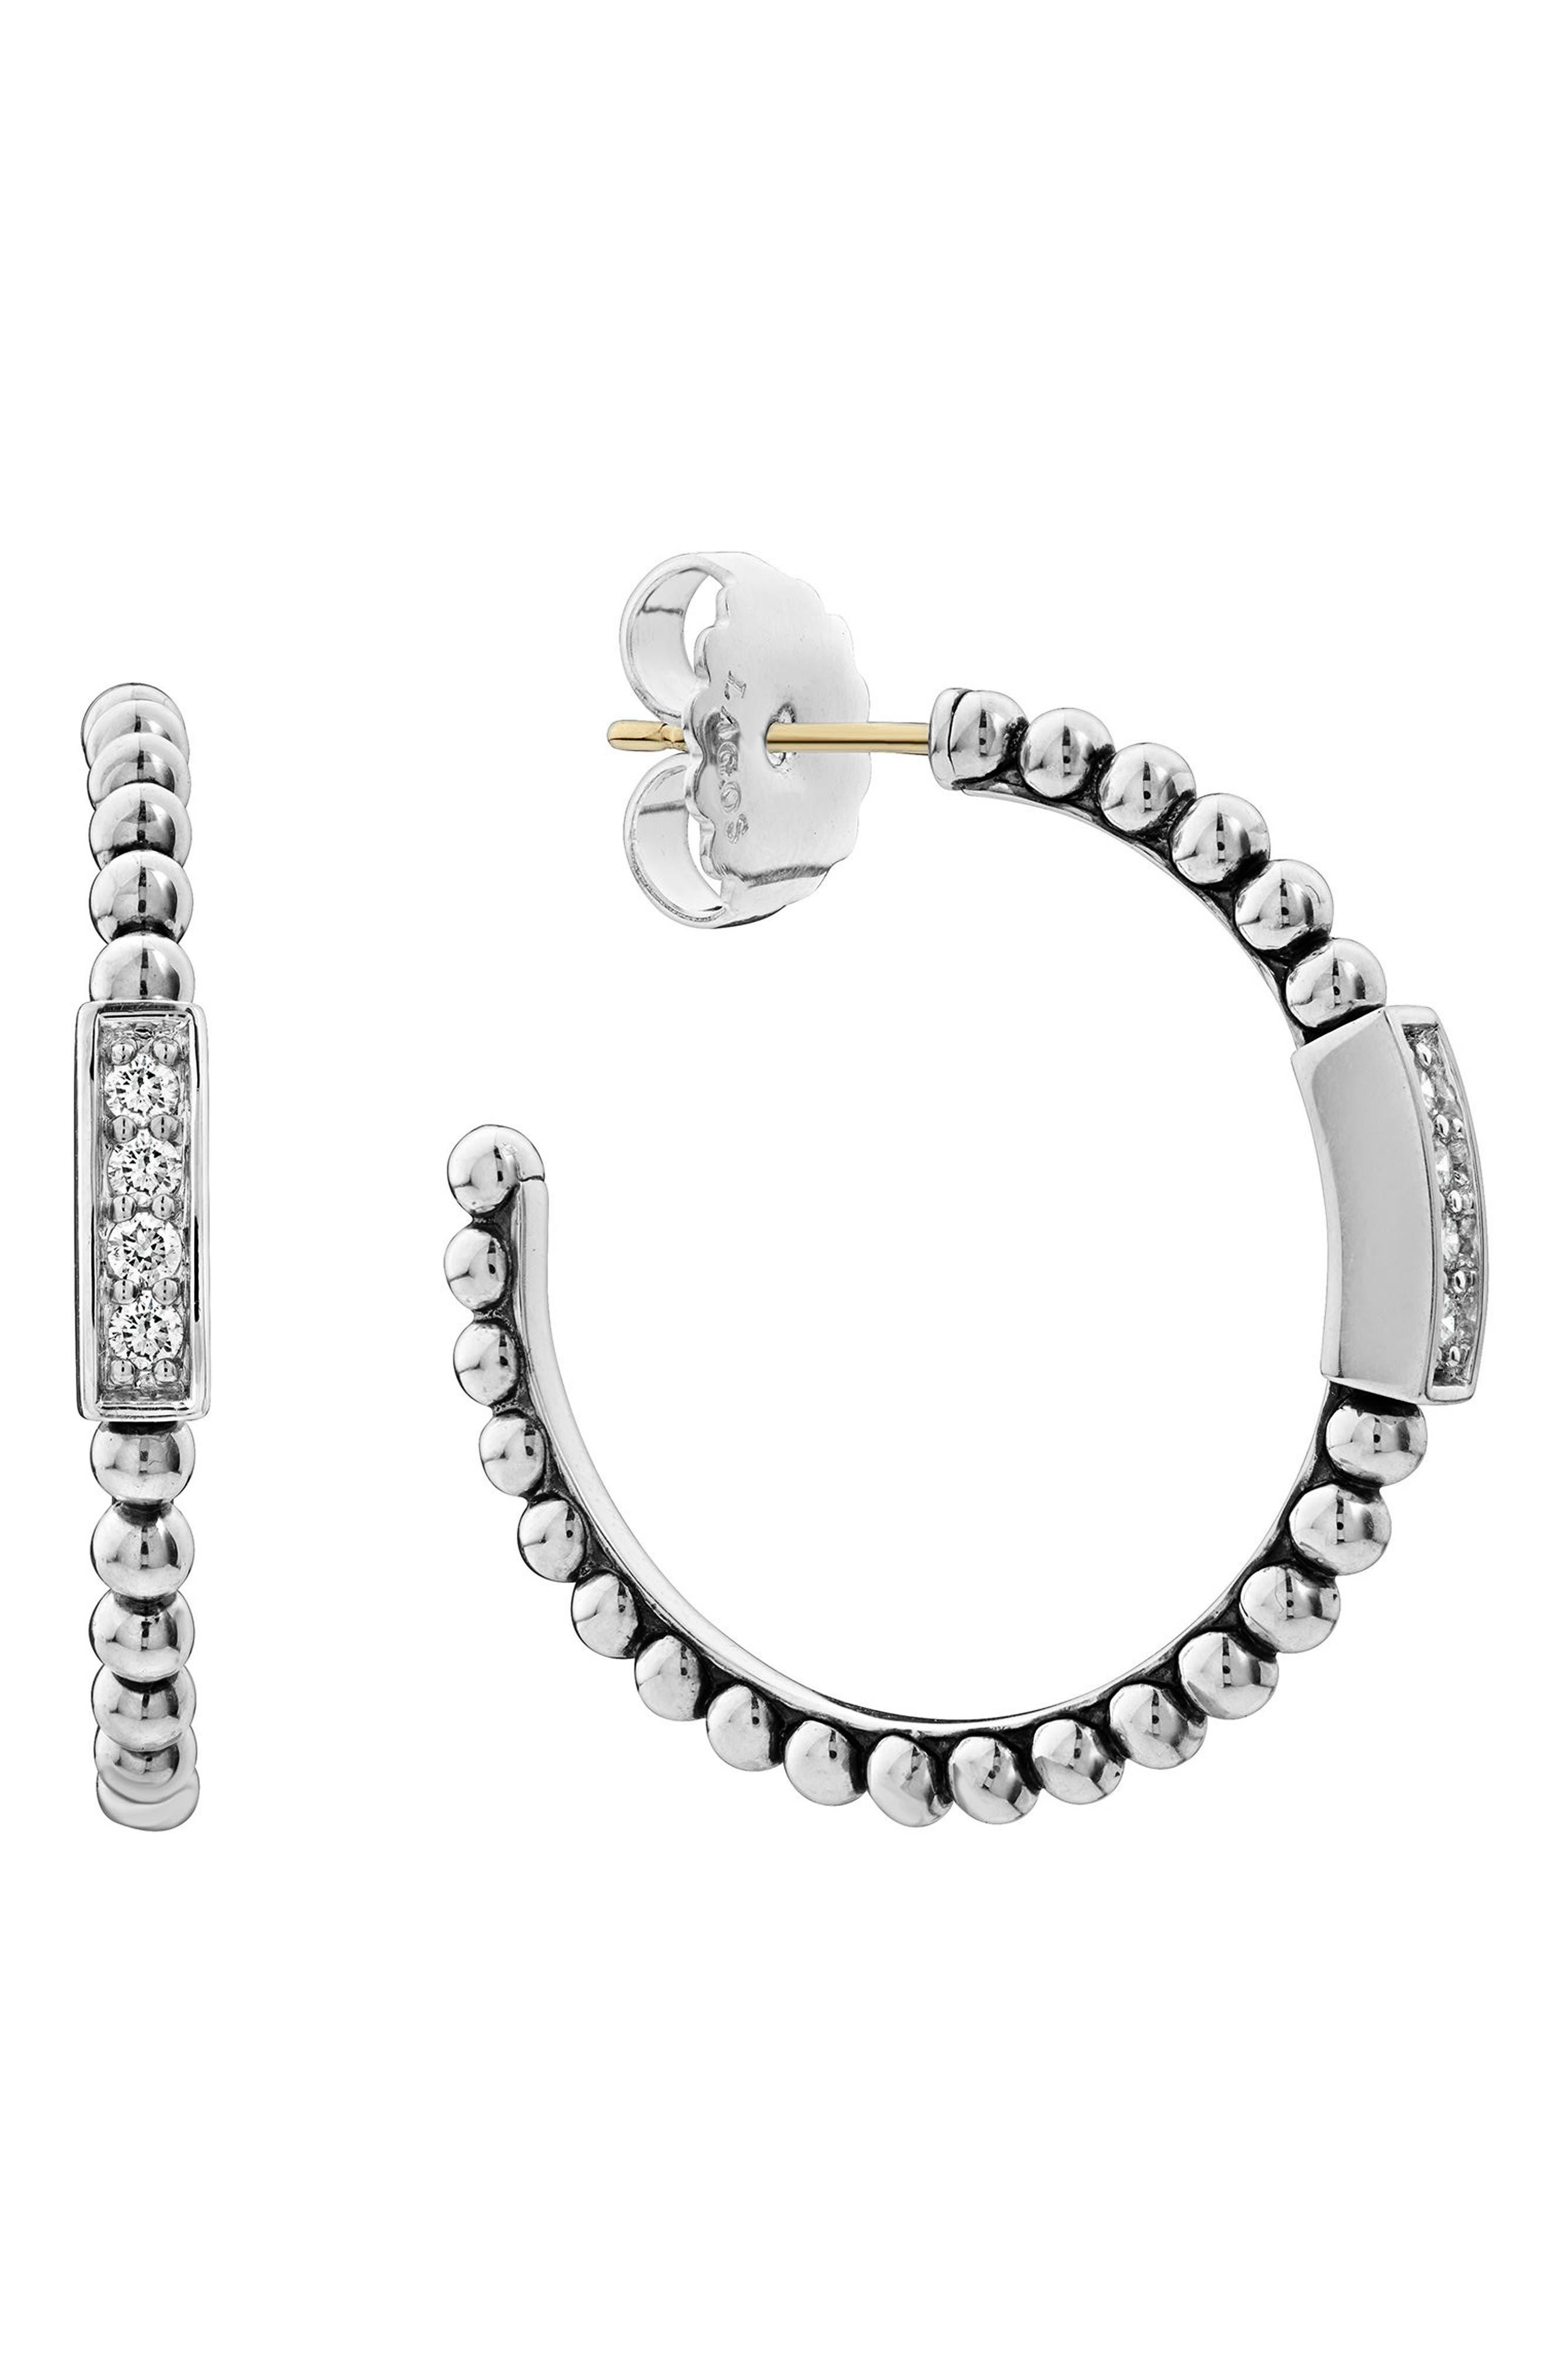 Caviar Spark Diamond Hoop Earrings,                             Alternate thumbnail 6, color,                             SILVER/ DIAMOND